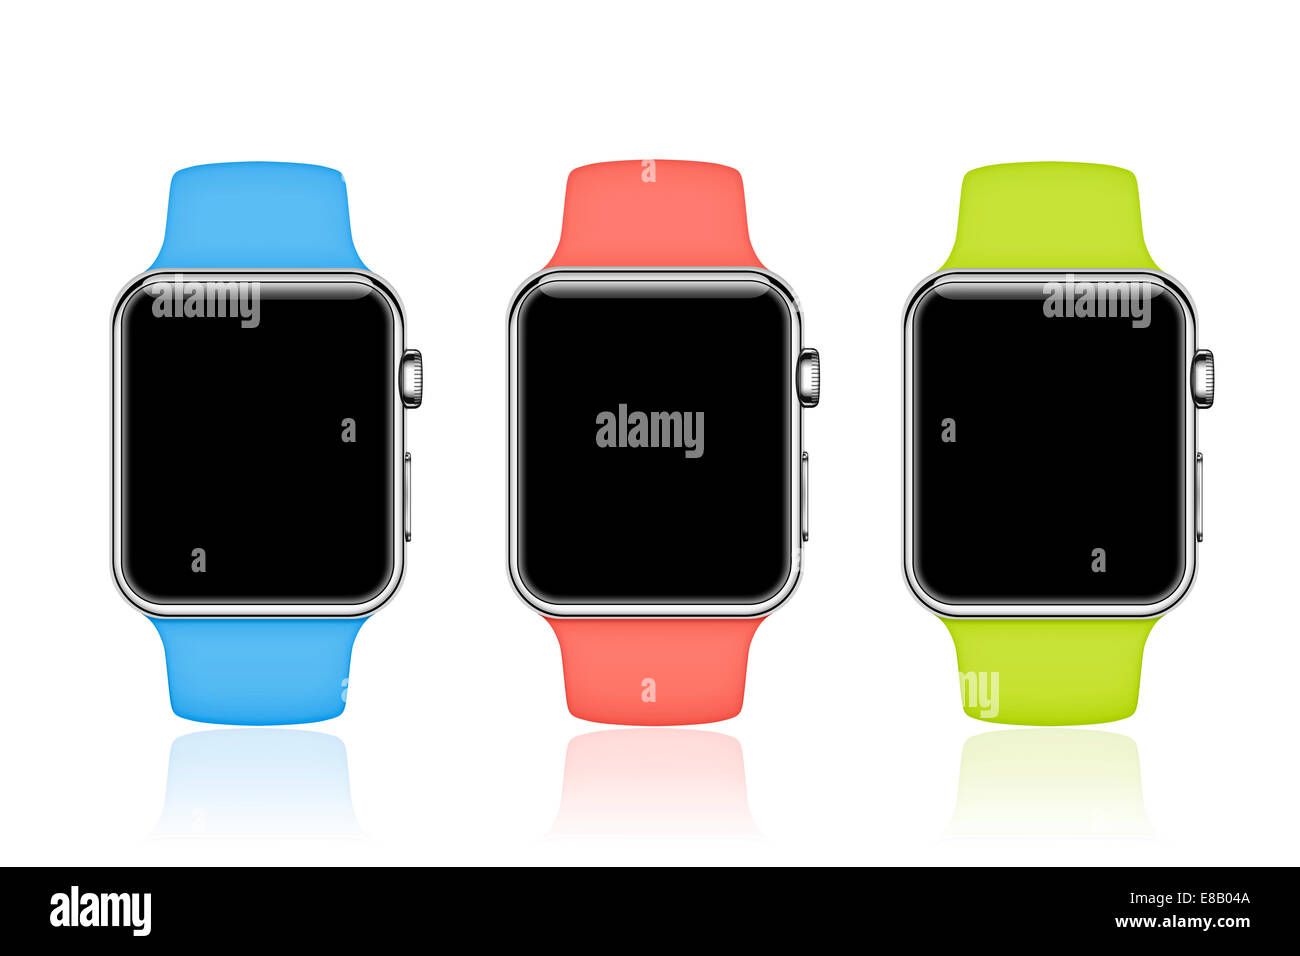 Apple guardare dello sport (blu, rosa, verde, schermate vuote) dispositivo mobile generati digitalmente le immagini. Immagini Stock